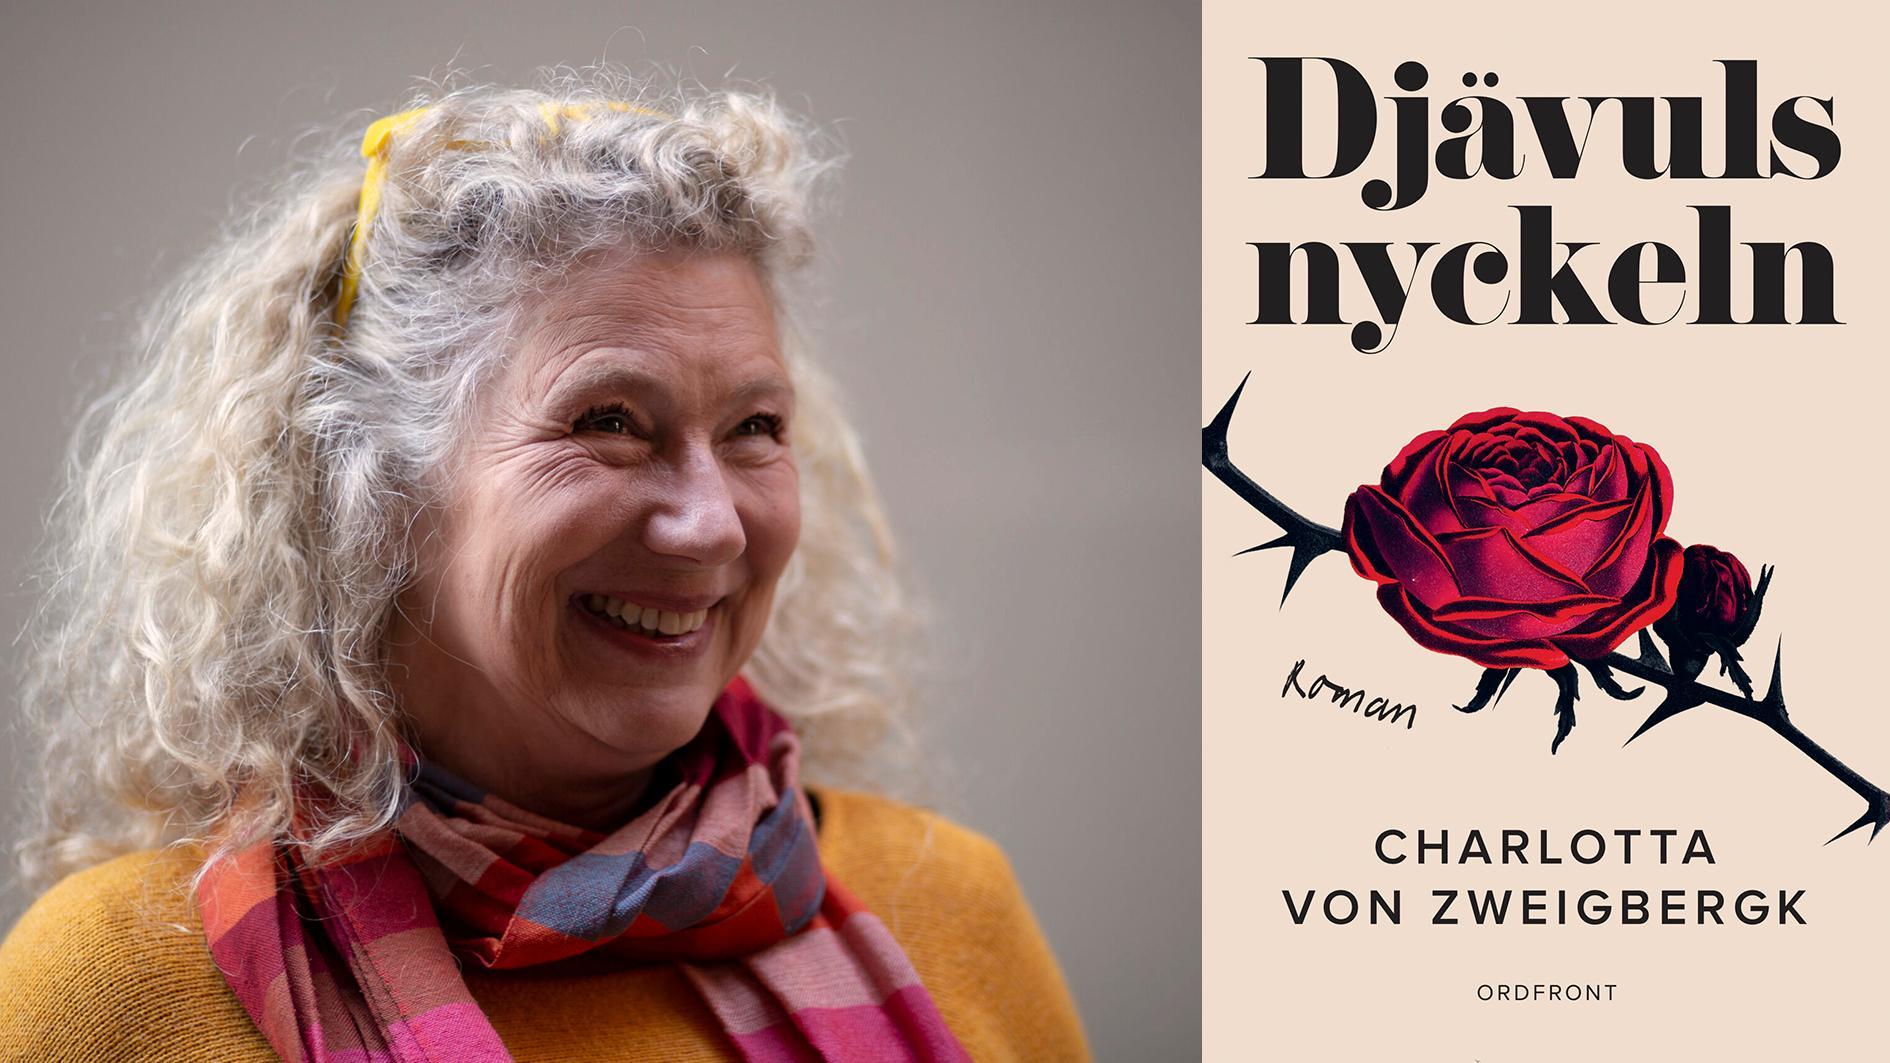 """Charlotta von Zweigbergk, journalist och författare. Hon nominerades till Augustpriset 2016 för boken """"Fattigfällan"""", och utkommer nu med """"Djävulsnyckeln""""."""